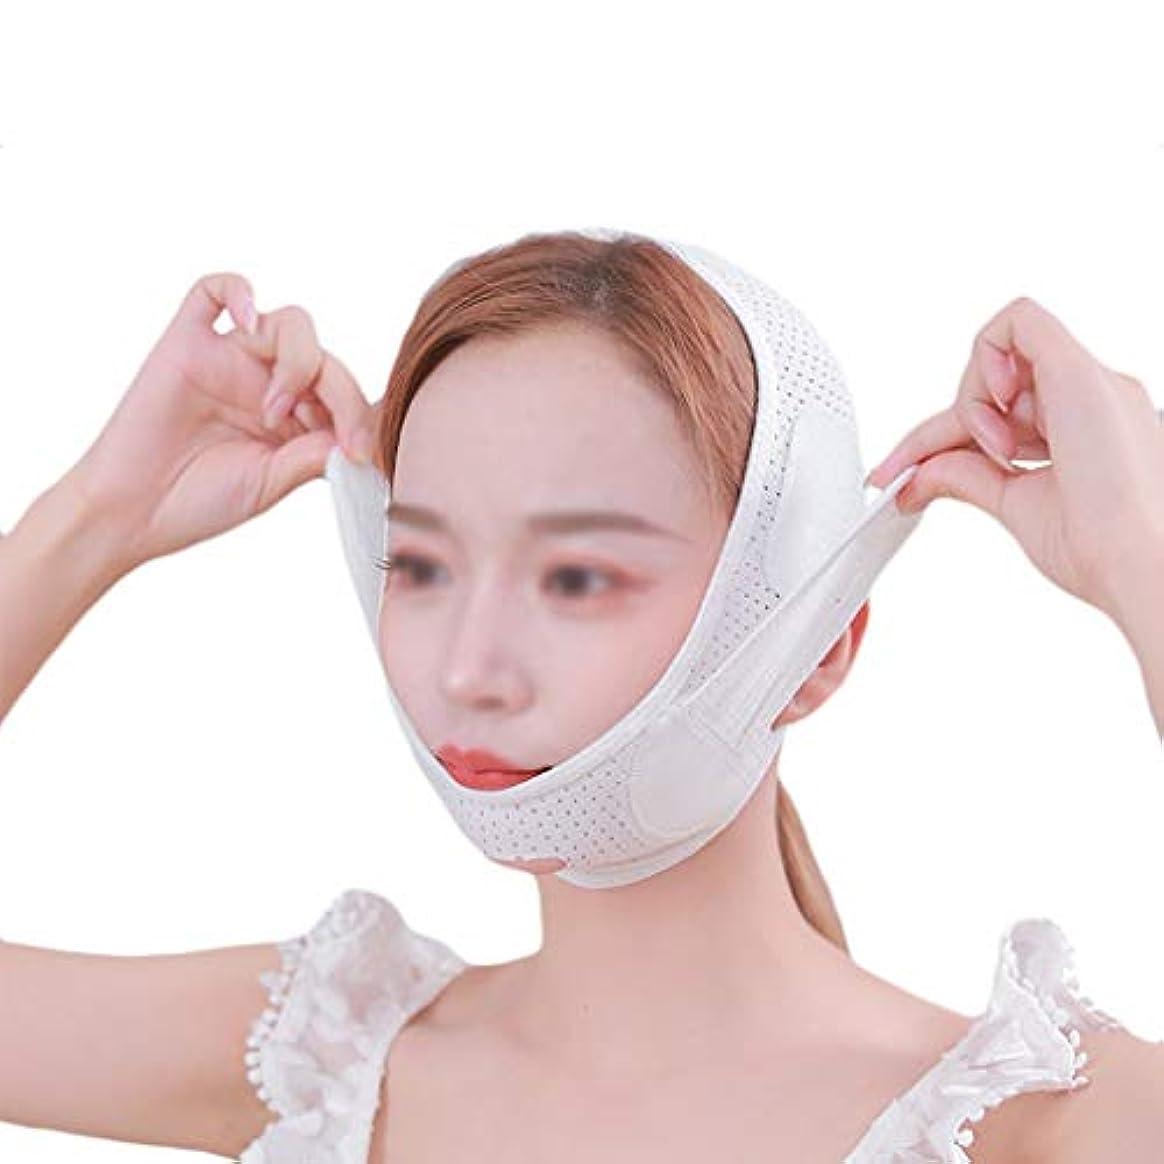 スクリーチ羊縫うXHLMRMJ フェイシャルリフティング包帯、頬痩身マスク包帯、フェイスリフティングファーミングフェイスリフティング、リフティングダブルチンフェイシャルマスク(ホワイト、フリーサイズ)